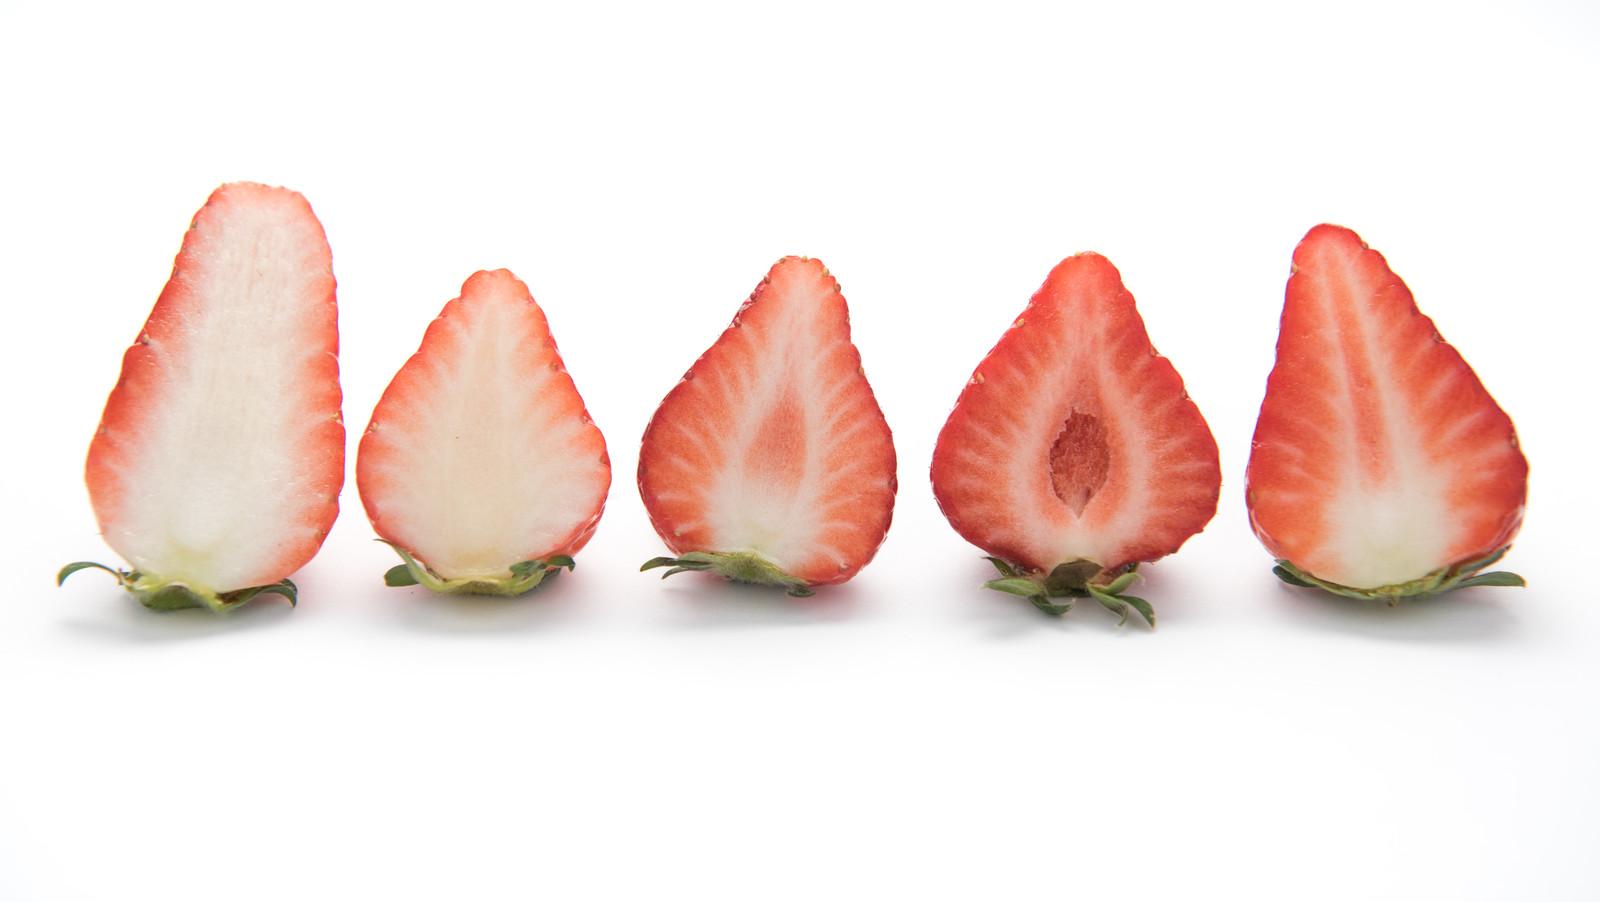 三重県でイチゴ狩りのおすすめは?予約不要や時間無制限の農園が人気!